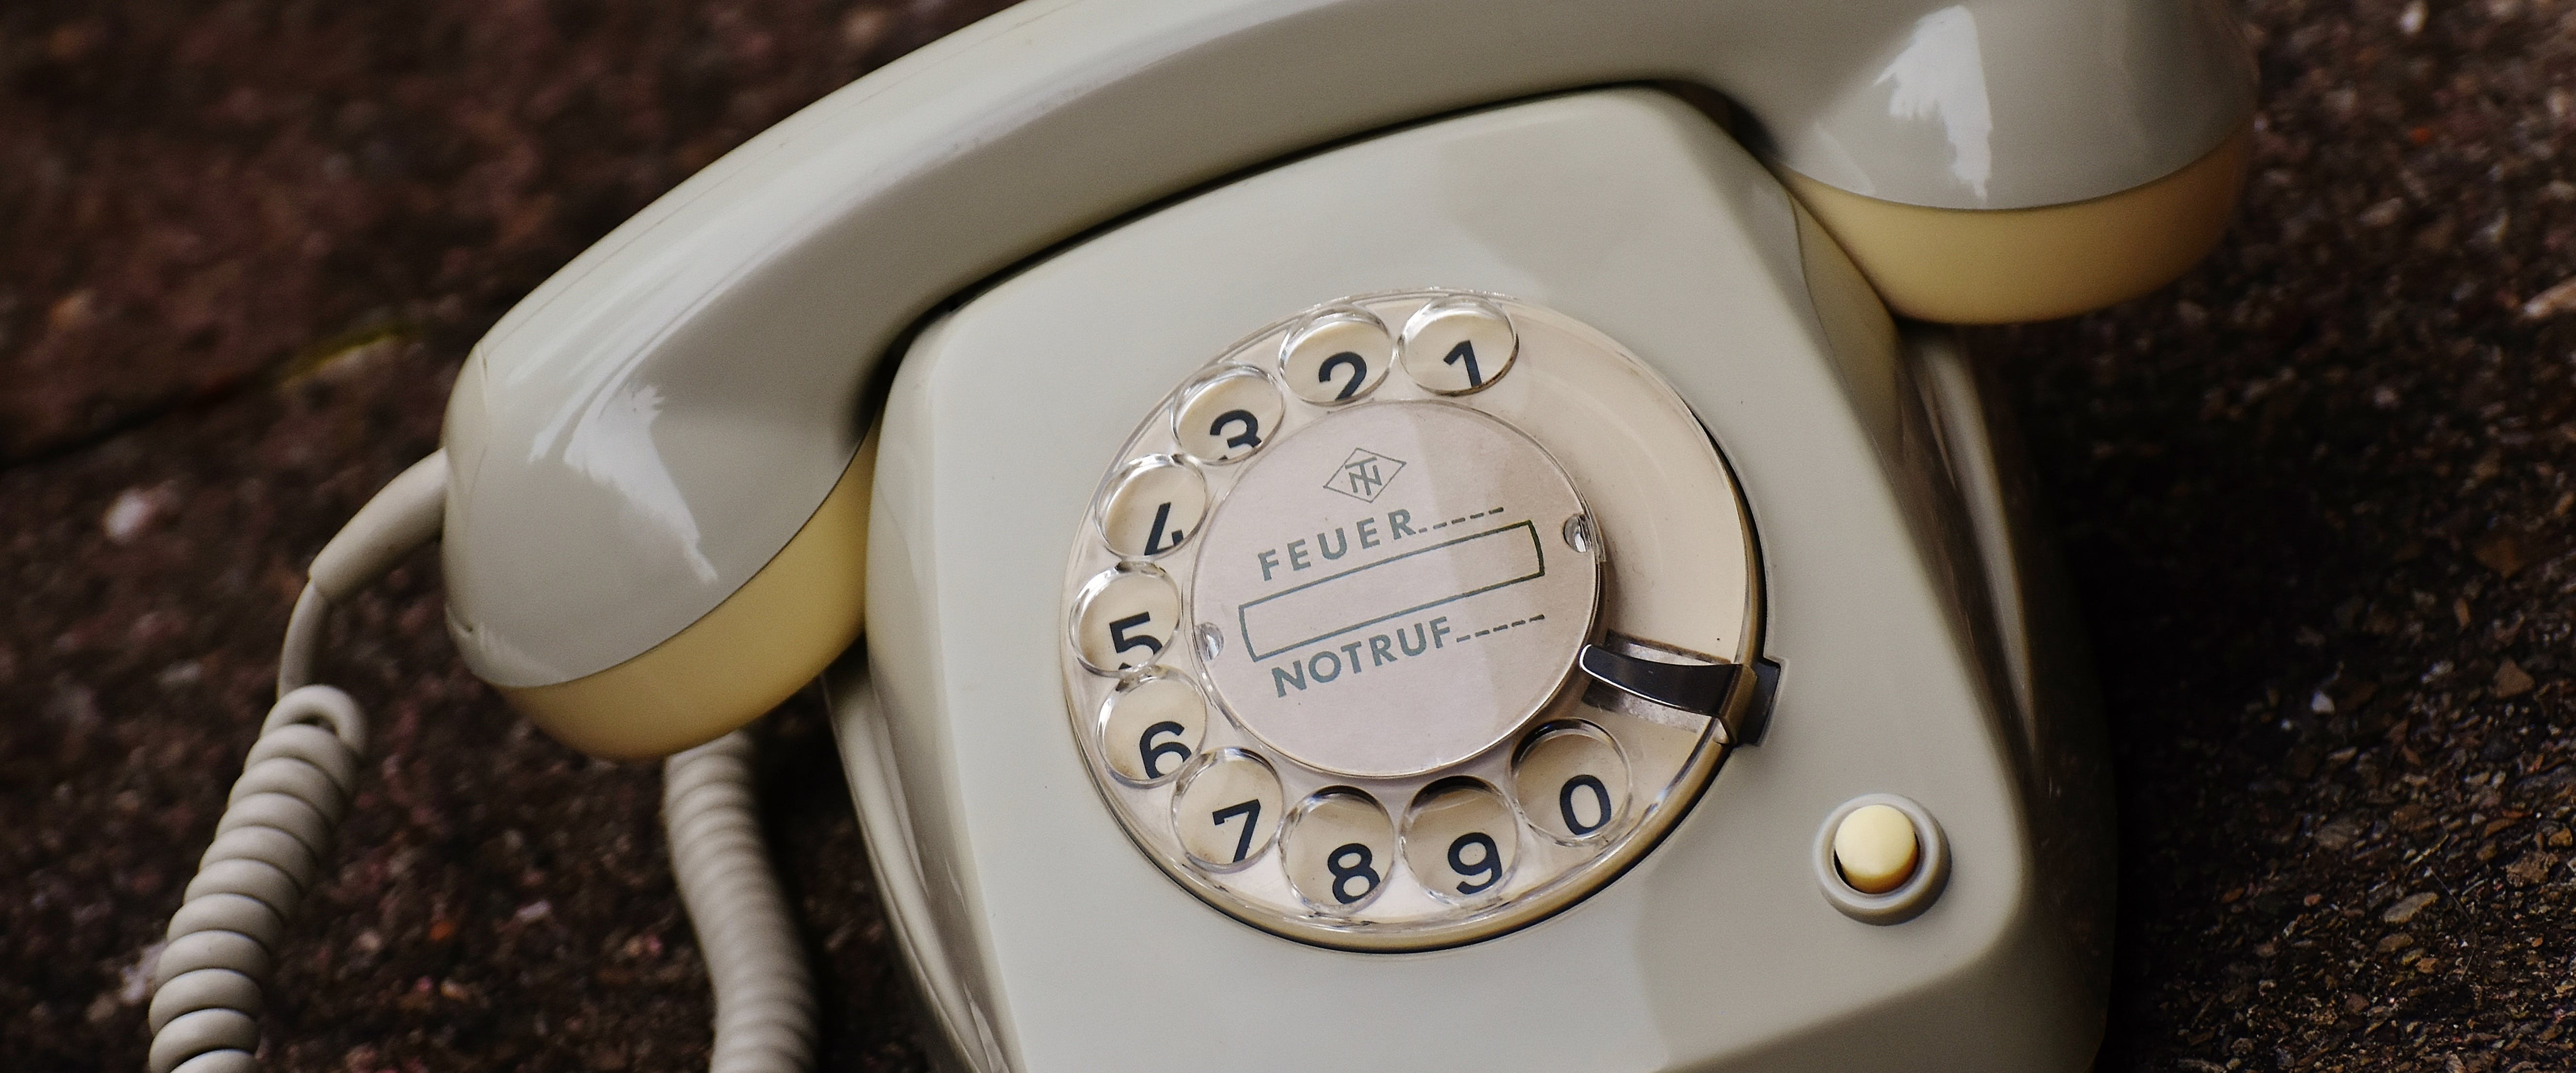 White Rotary Phone